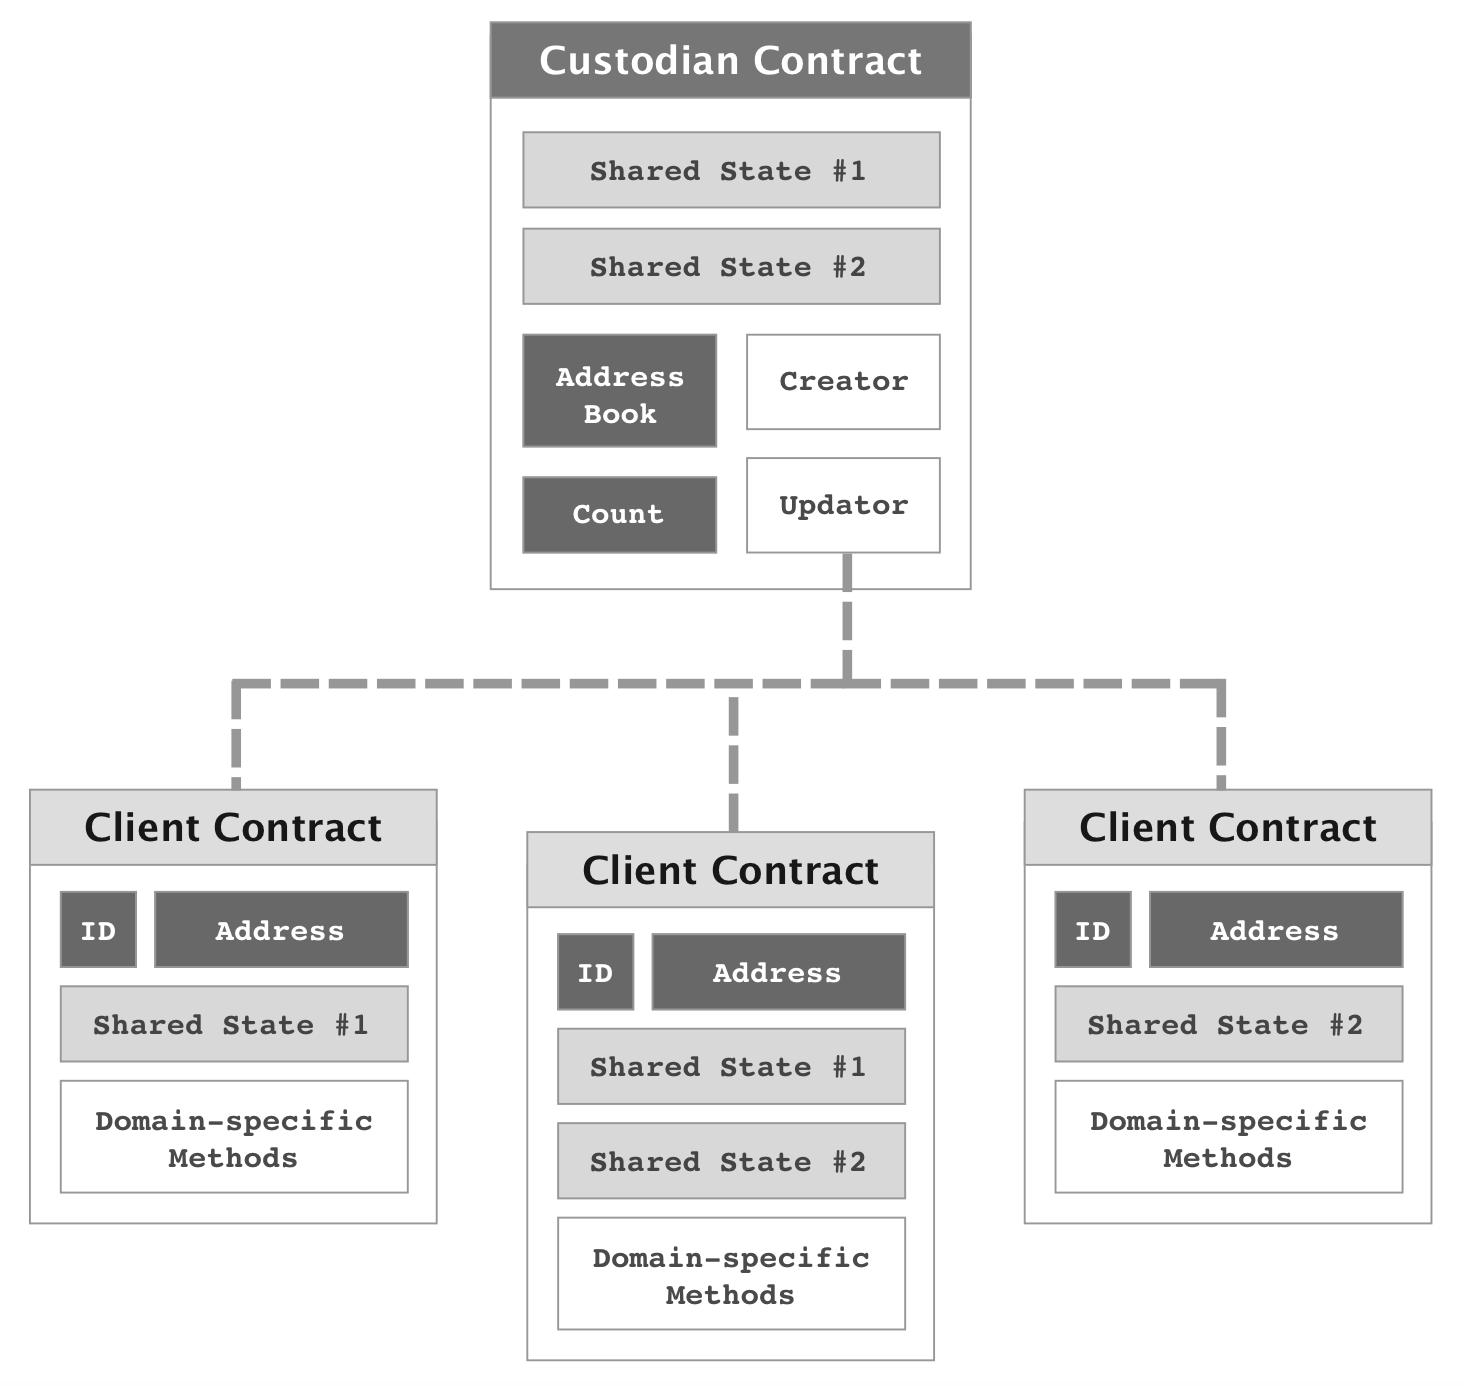 custodian-client